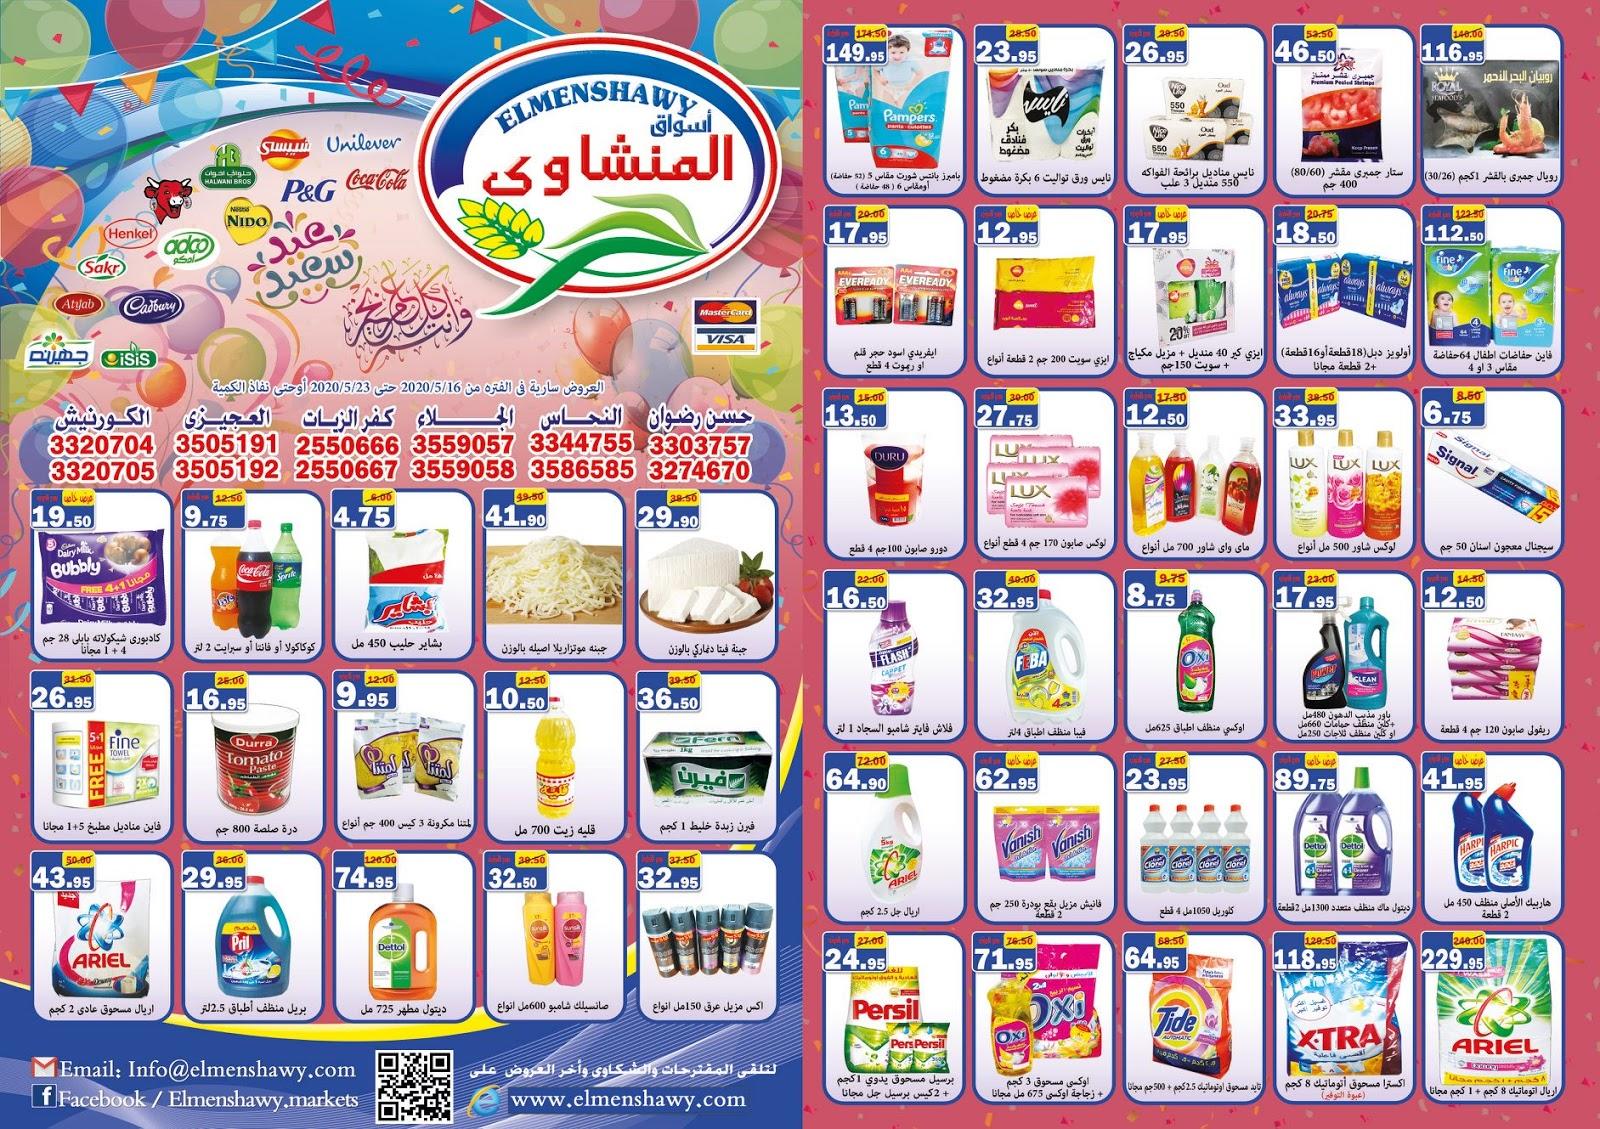 عروض اسواق المنشاوى طنطا من 16 مايو حتى 23 مايو 2020 عيد سعيد